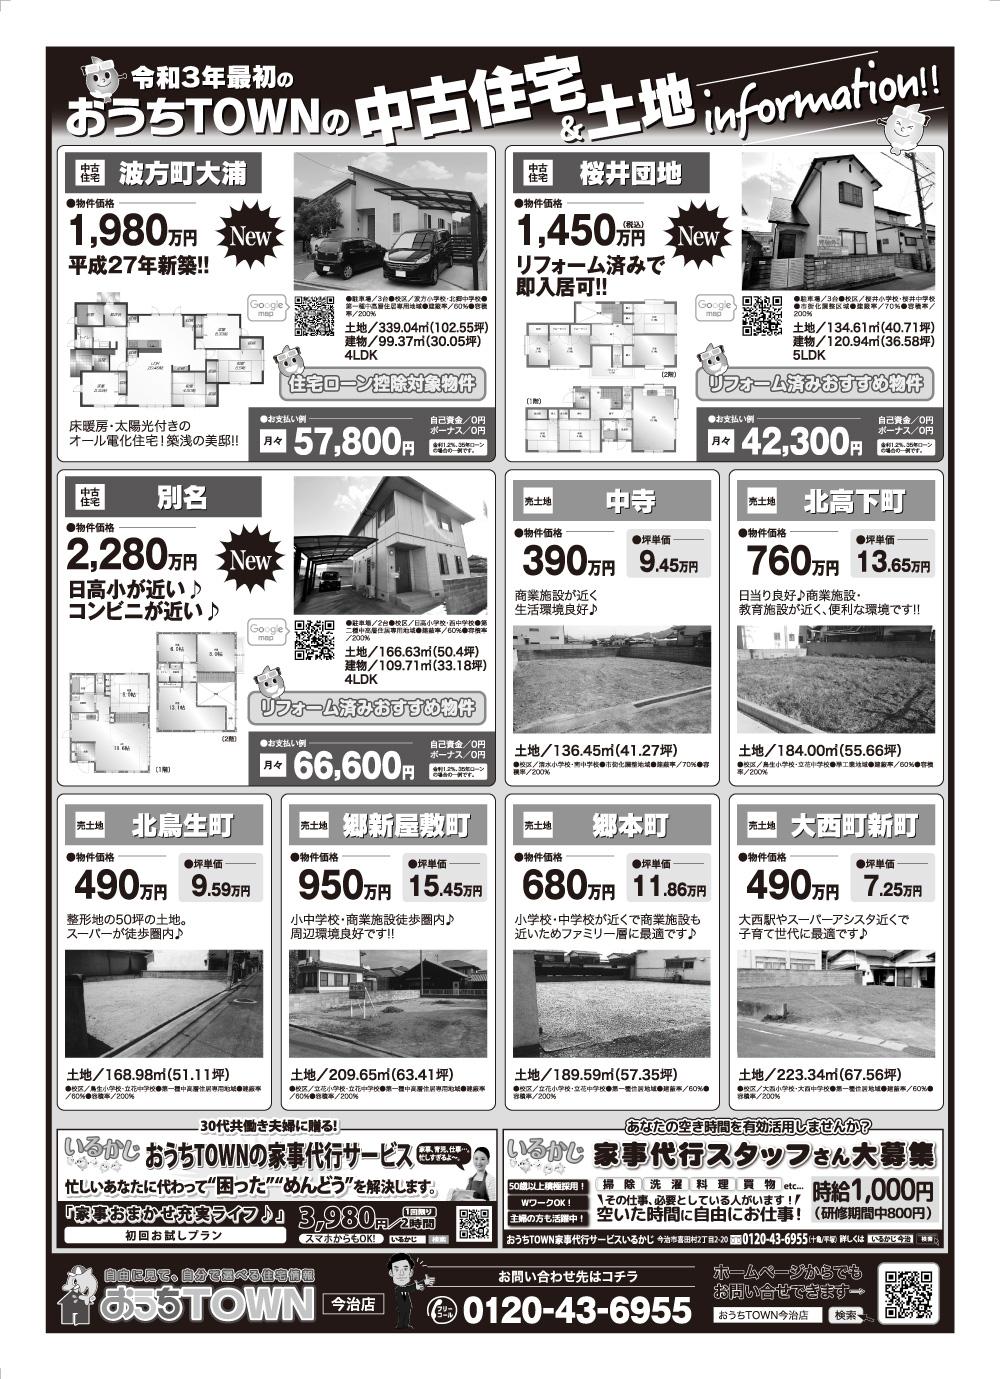 物件画像:【最新!!】おうちTOWNの中古住宅&土地情報